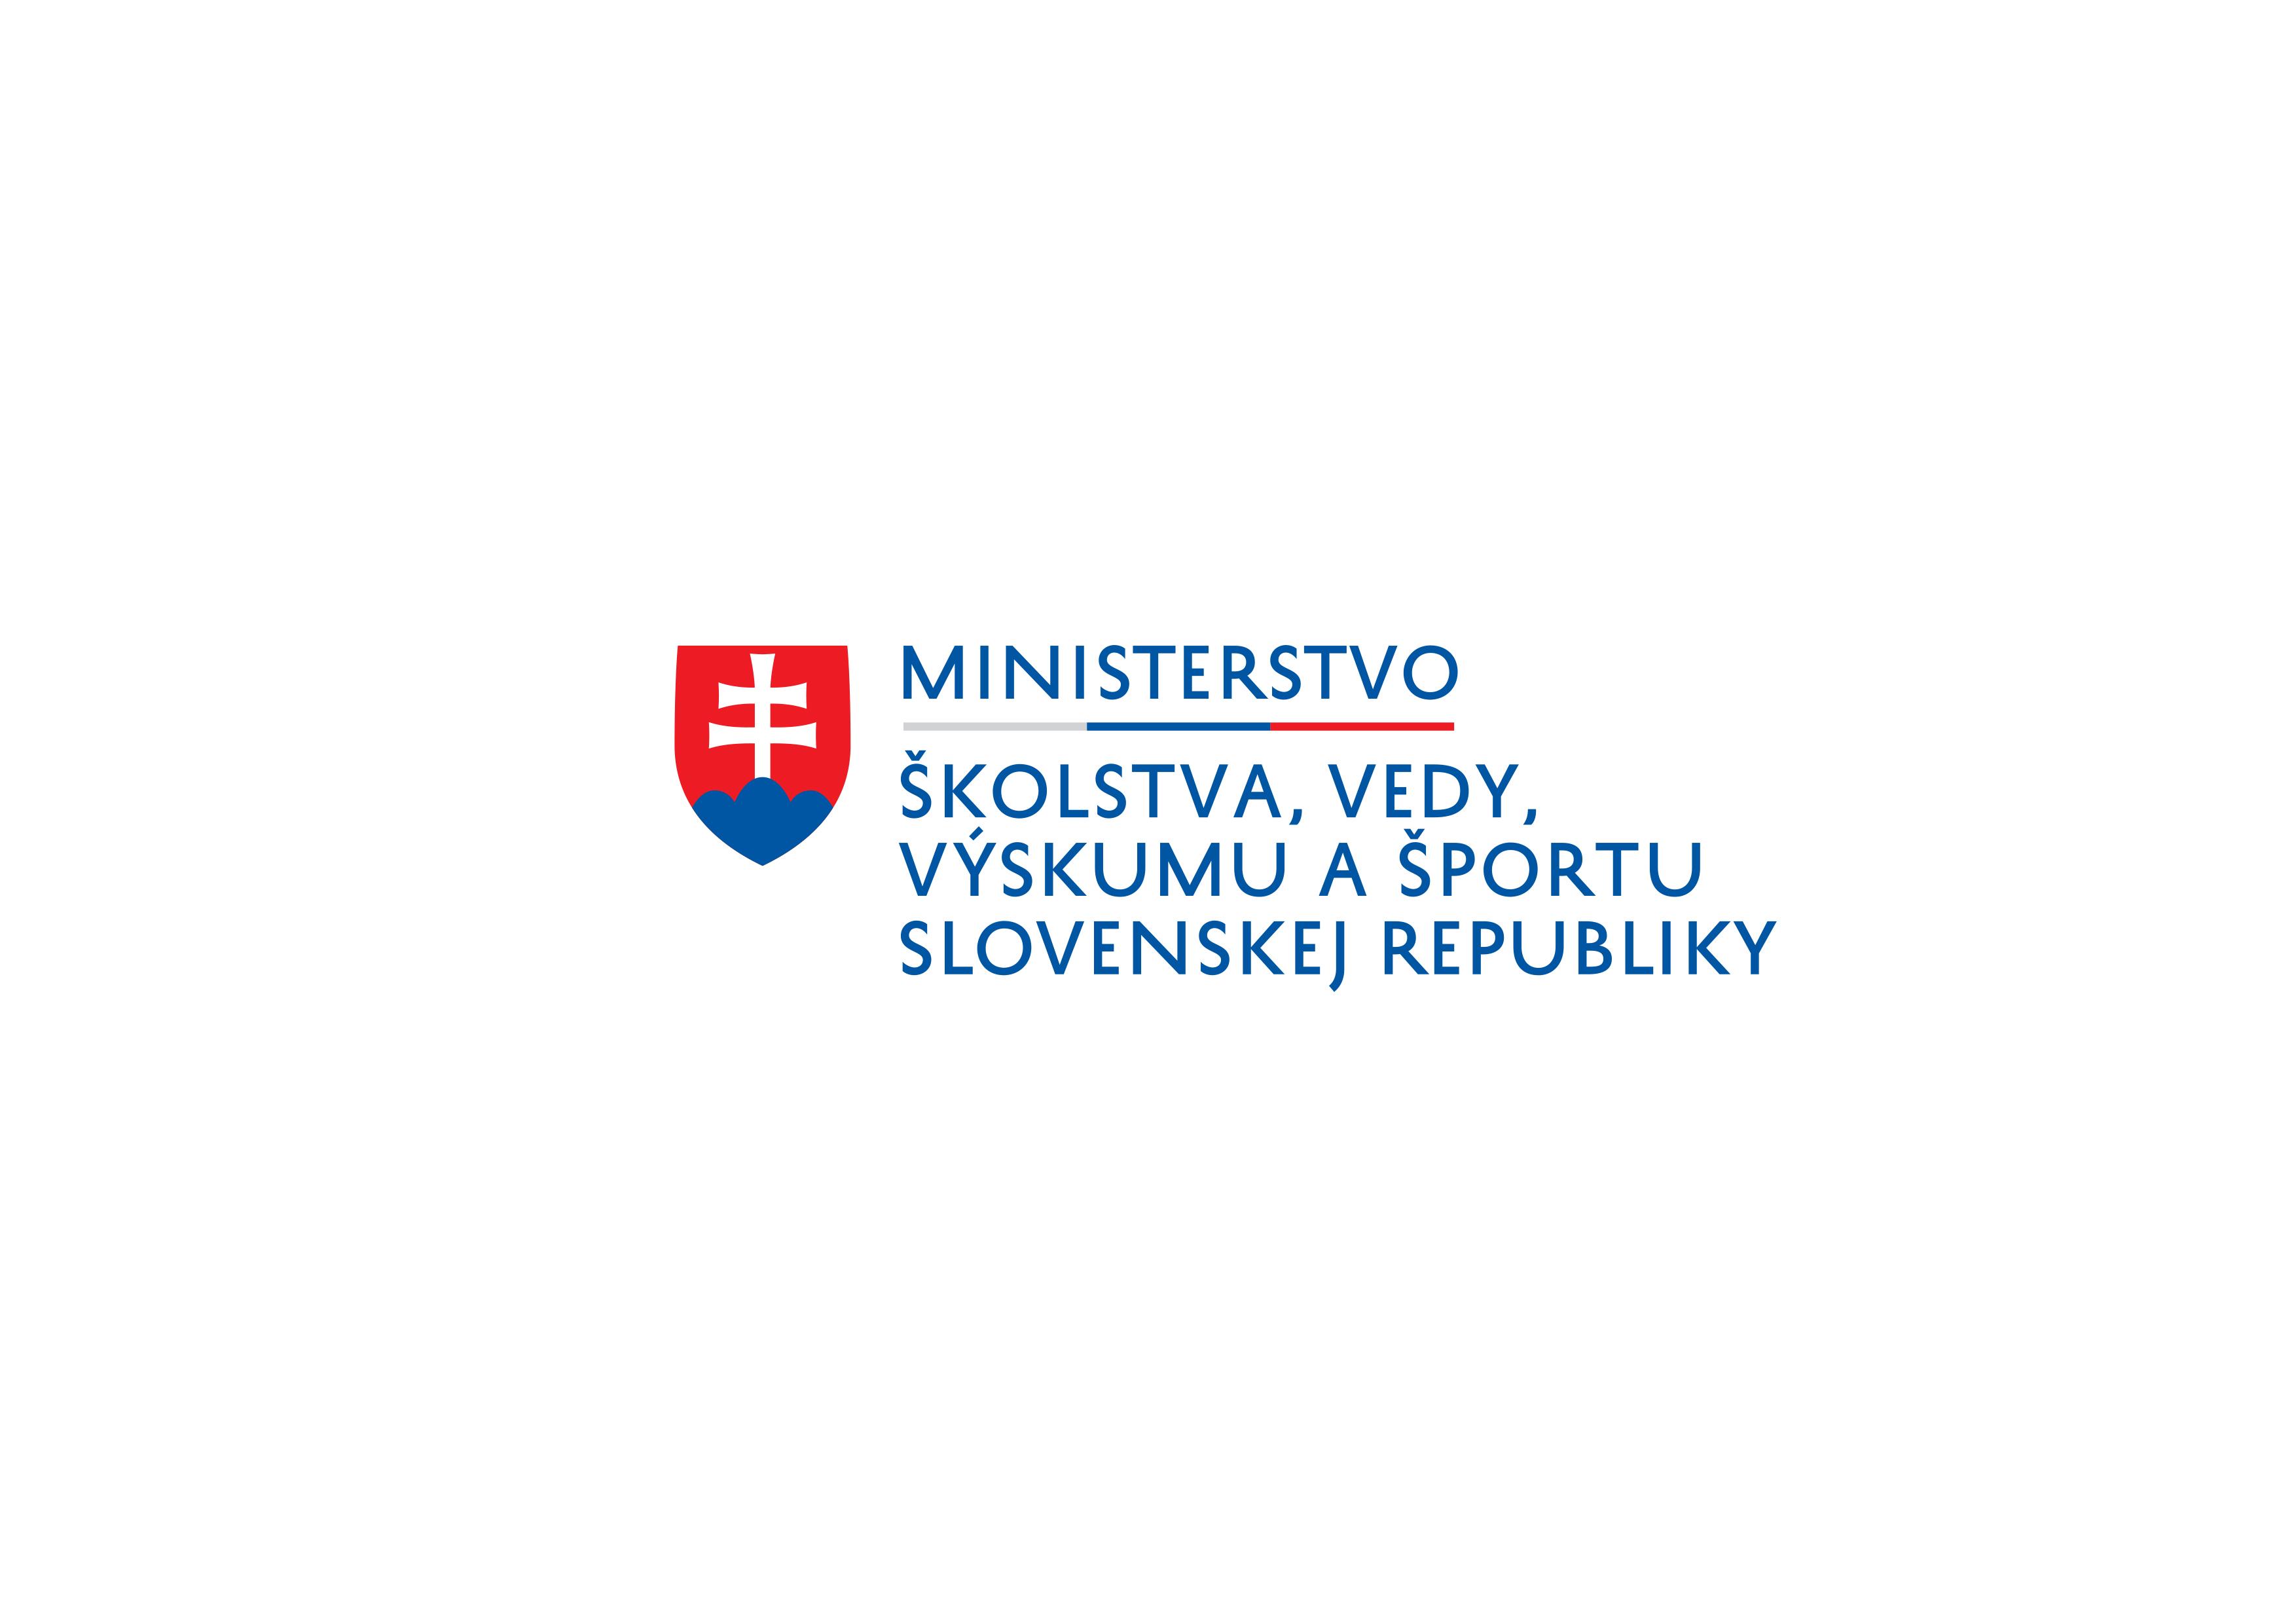 Skupine expertov EÚ pre oblasť mládeže spolupredsedá aj zástupca Slovenska